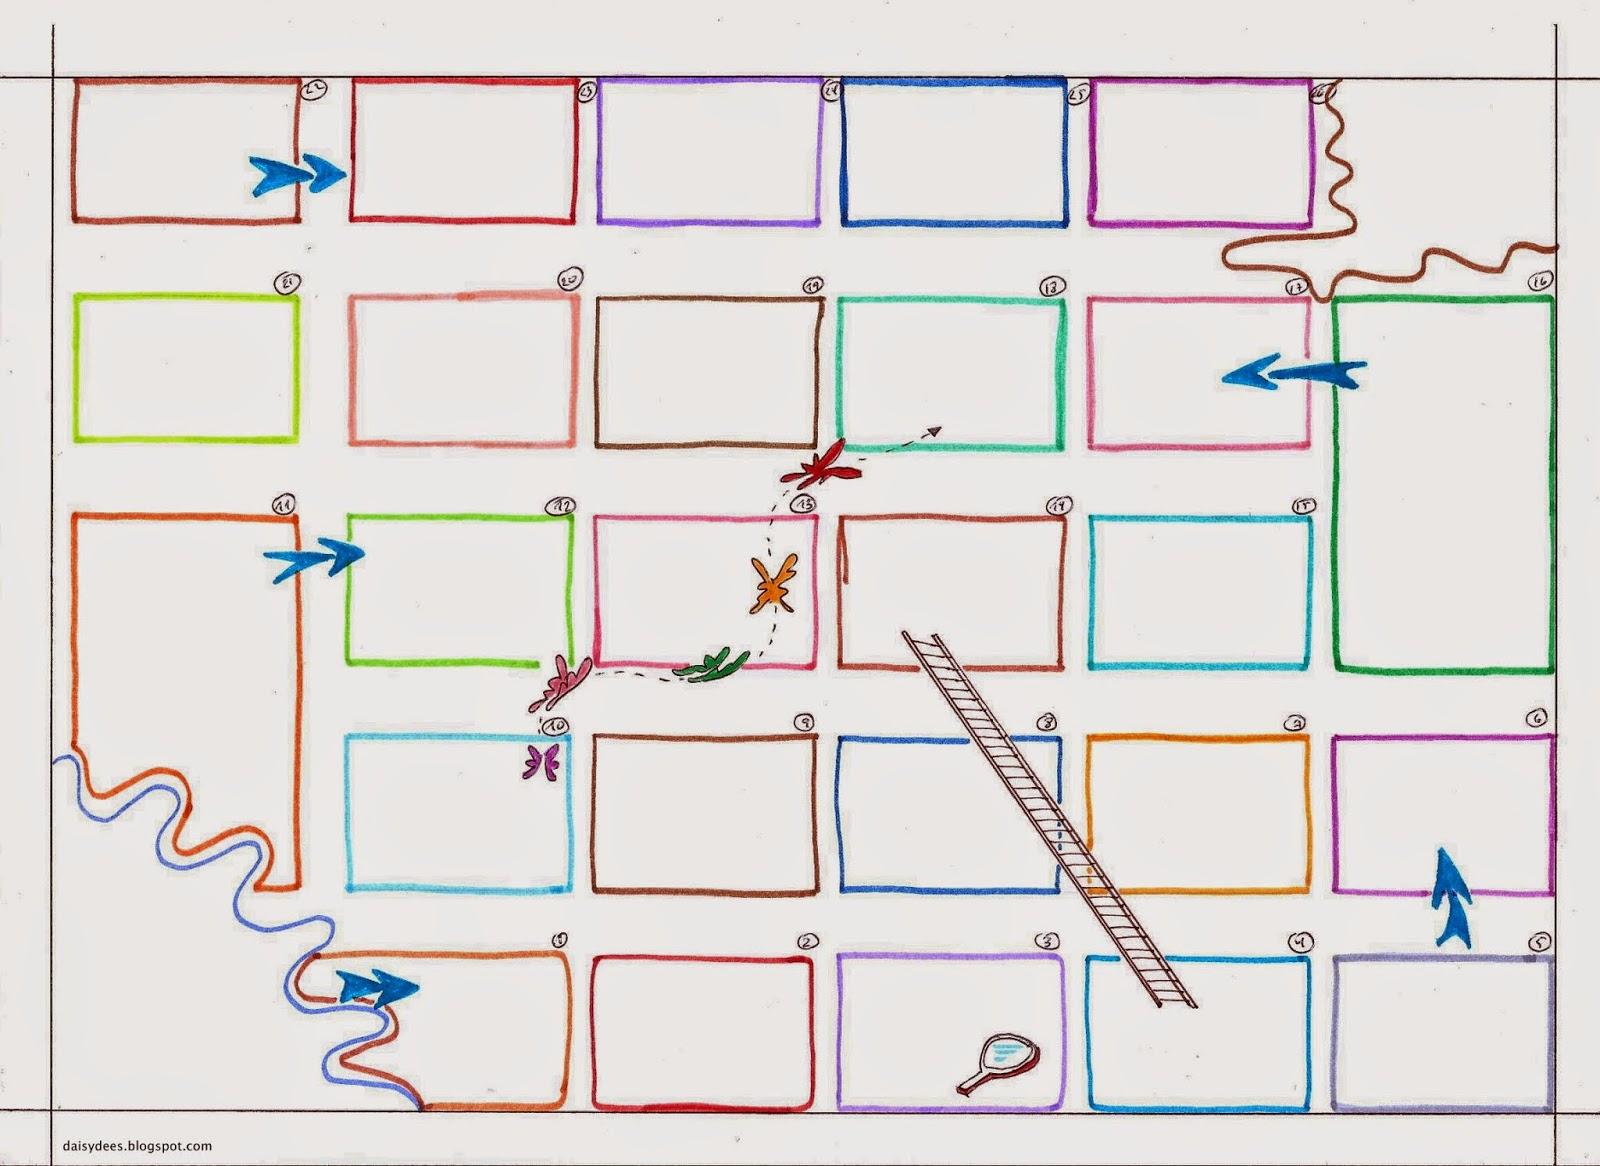 Logiciel coloriage Télécharger des logiciels pour Windows  - Telecharger Jeux De Coloriage